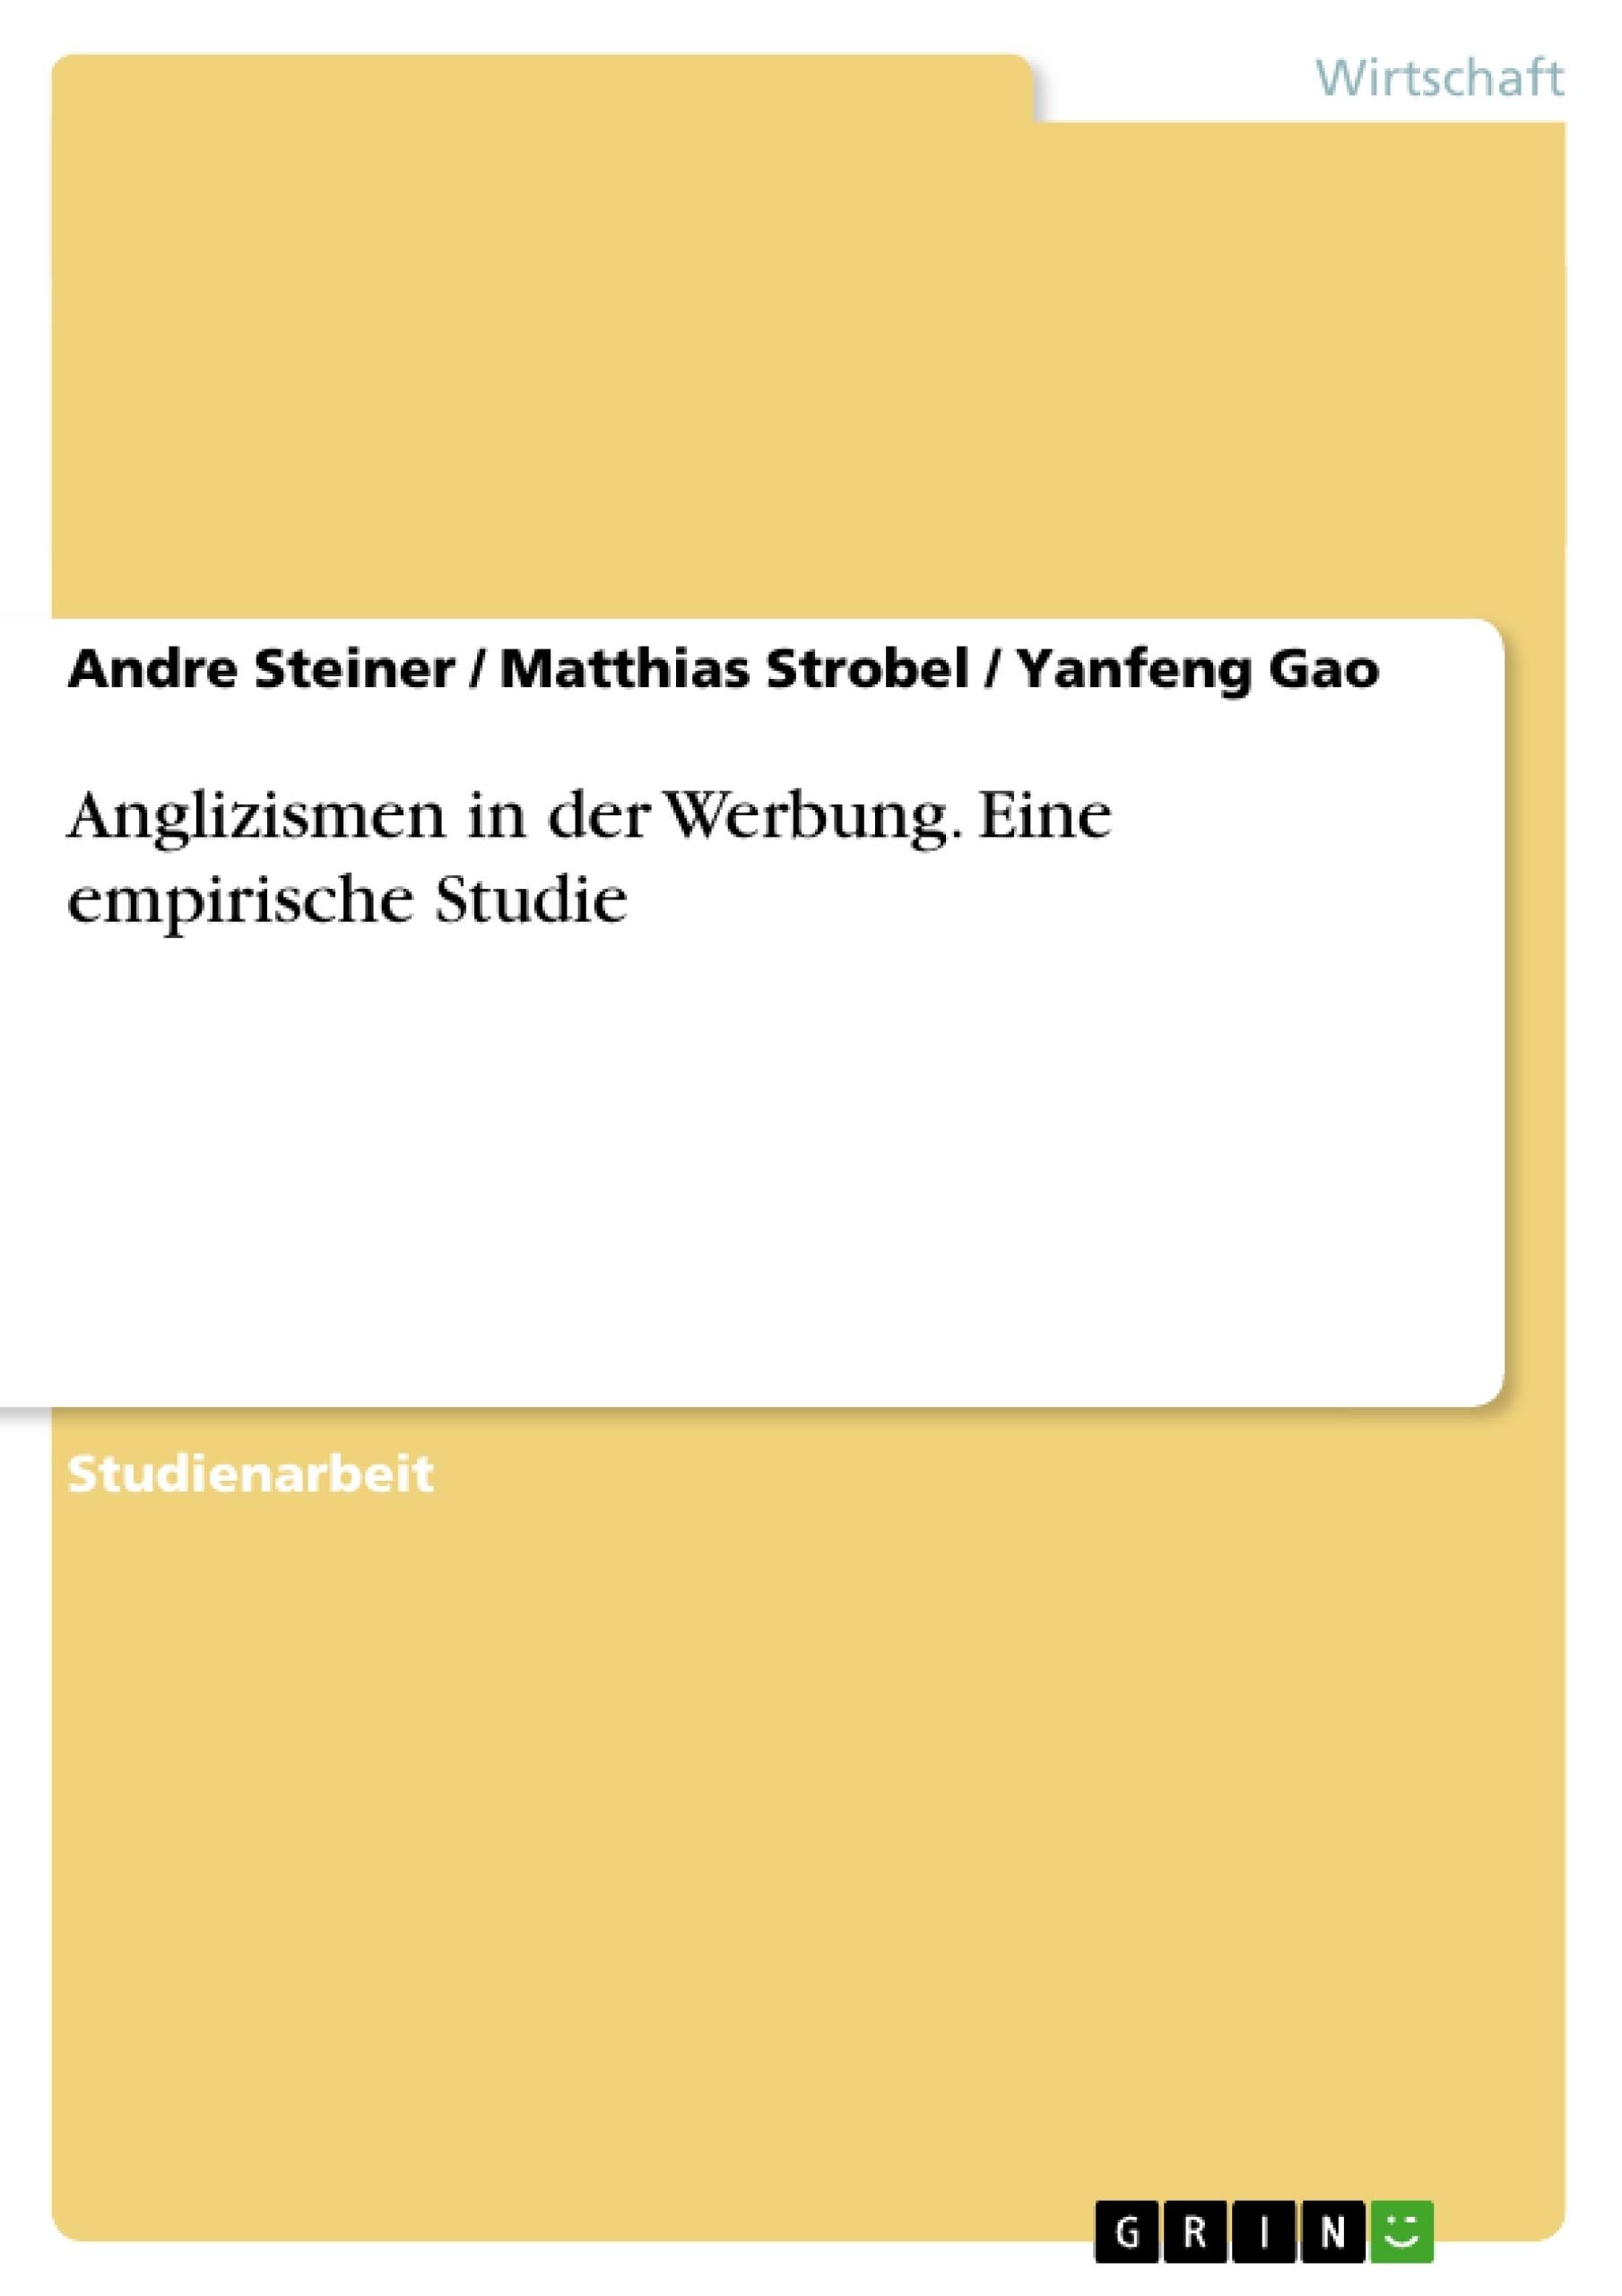 Titel: Anglizismen in der Werbung. Eine empirische Studie